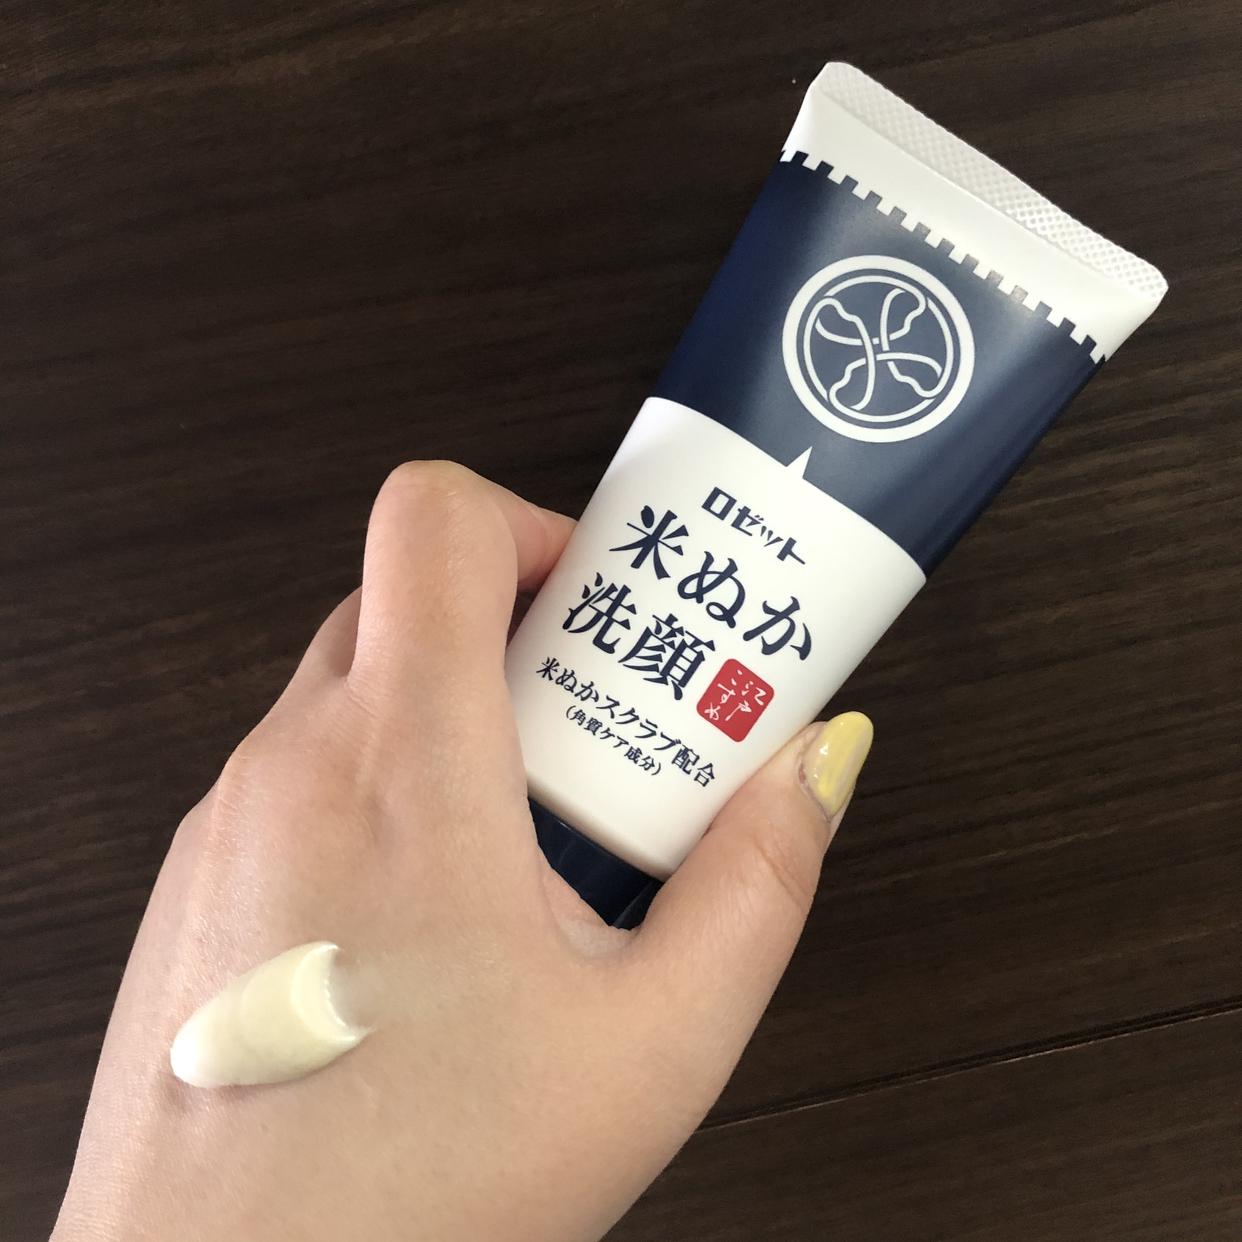 ROSETTE(ロゼット) 江戸こすめ 米ぬか洗顔を使った繭さんのクチコミ画像3